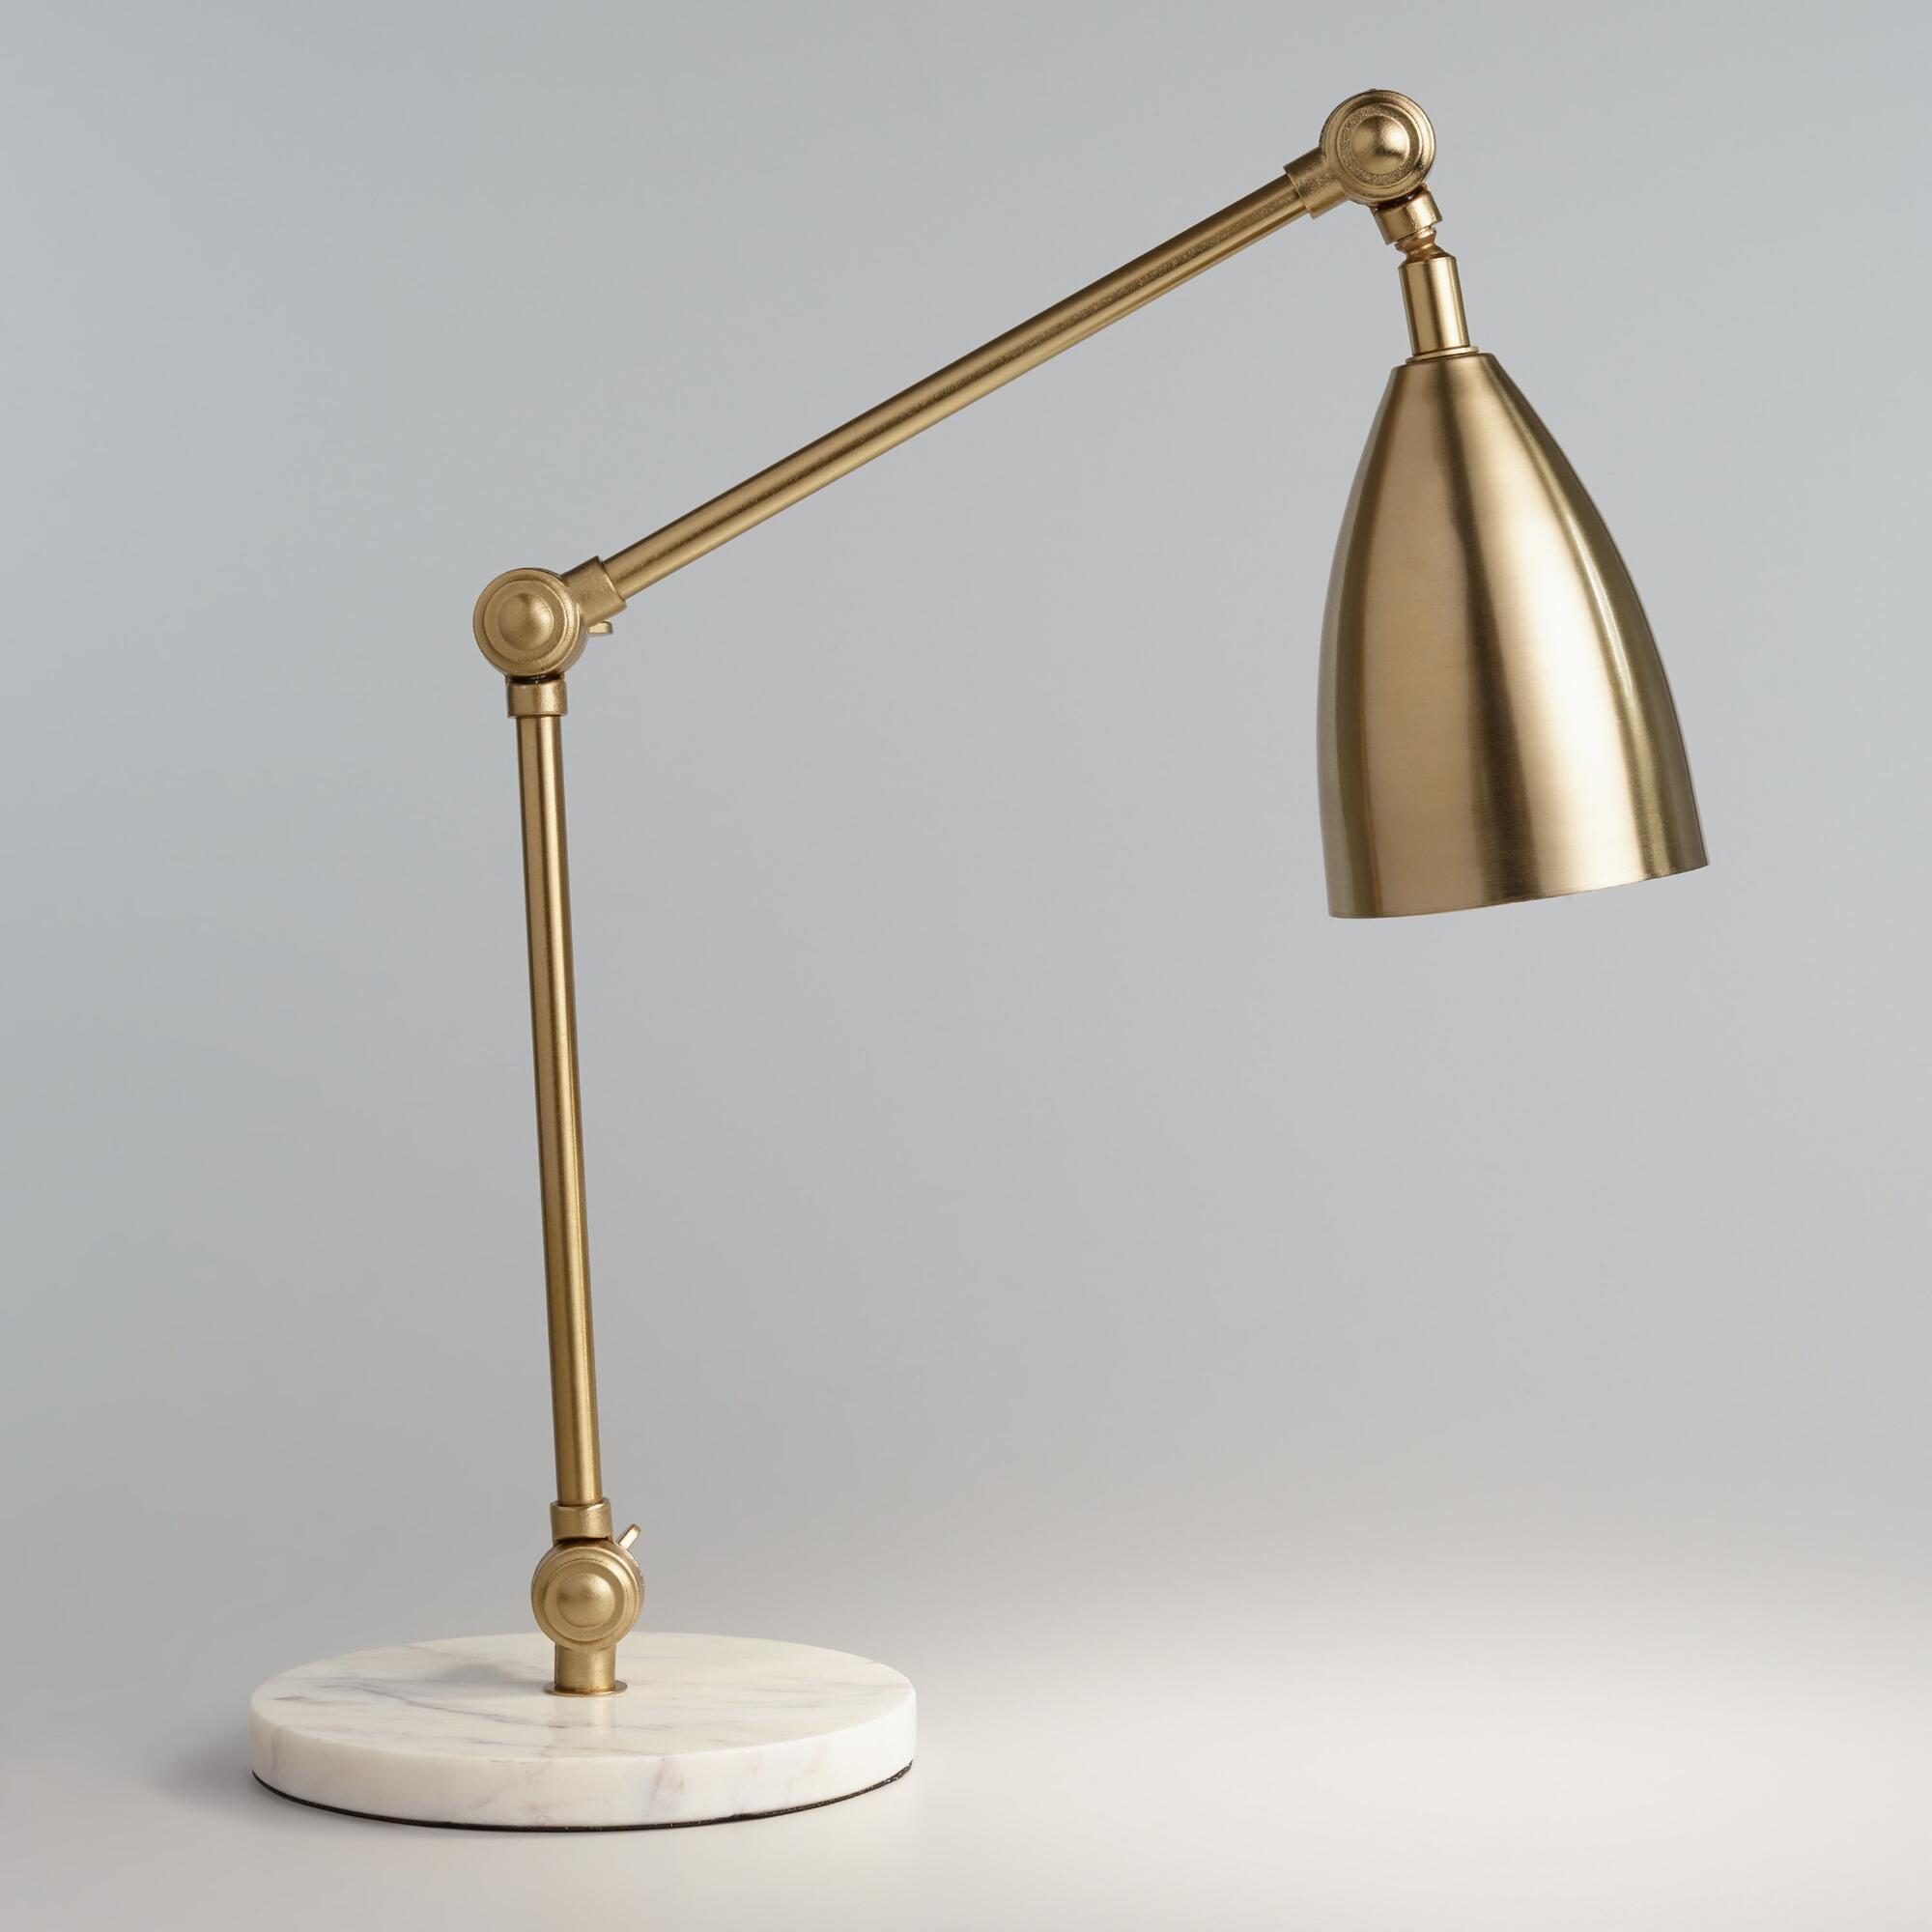 Gold Adjustable Task Desk Lamp With Marble Base By World Market Cutelamps Schreibtischlampe Moderne Lampen Arbeitslampen